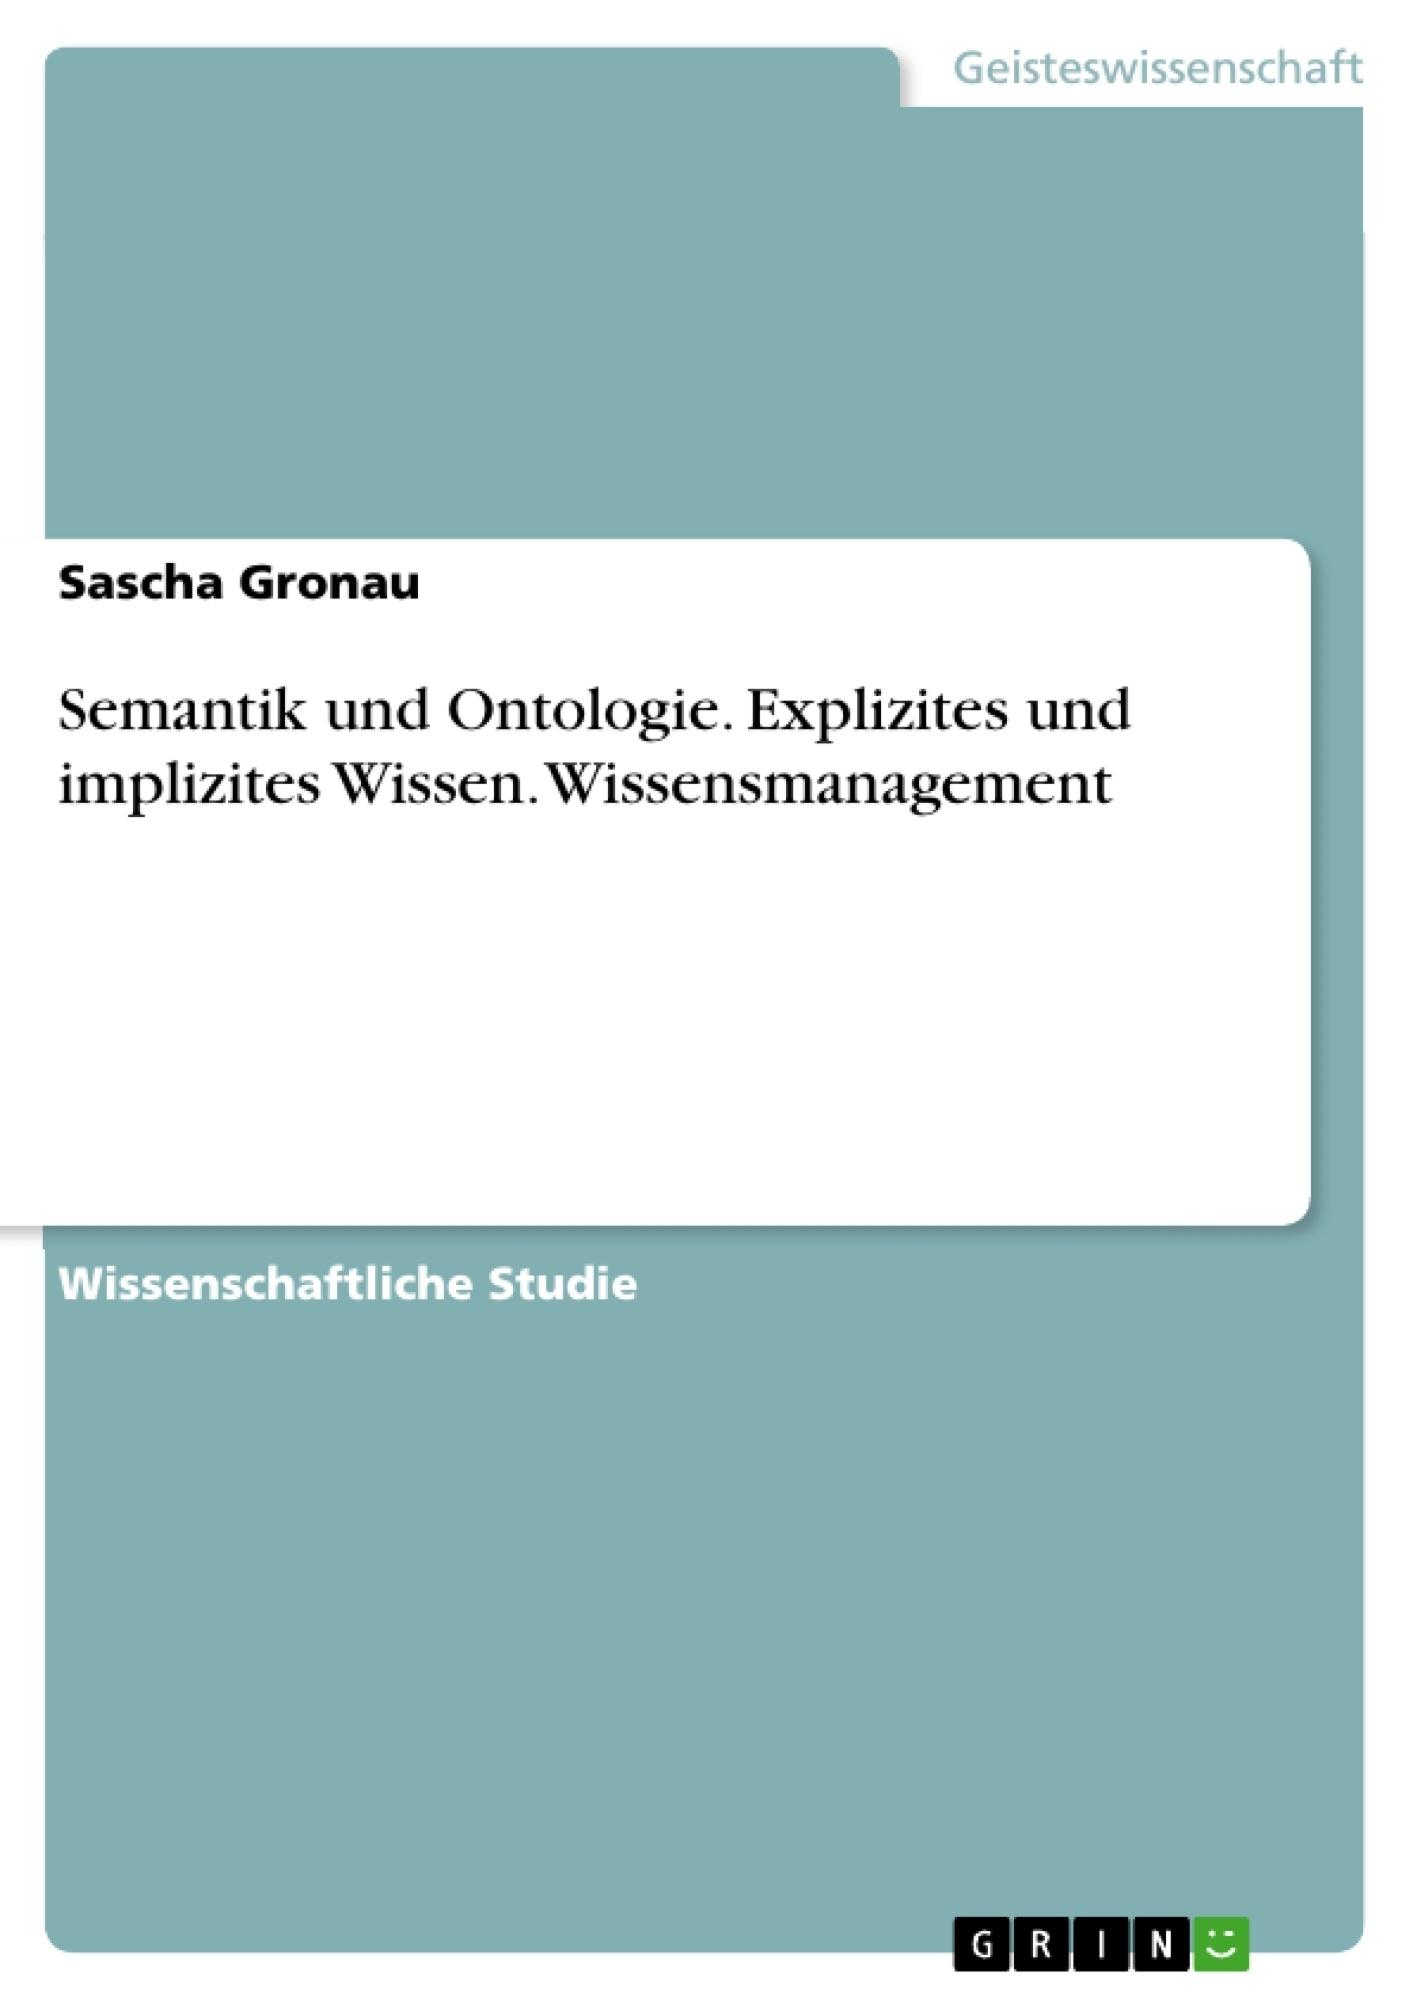 Titel: Semantik und Ontologie. Explizites und implizites Wissen. Wissensmanagement